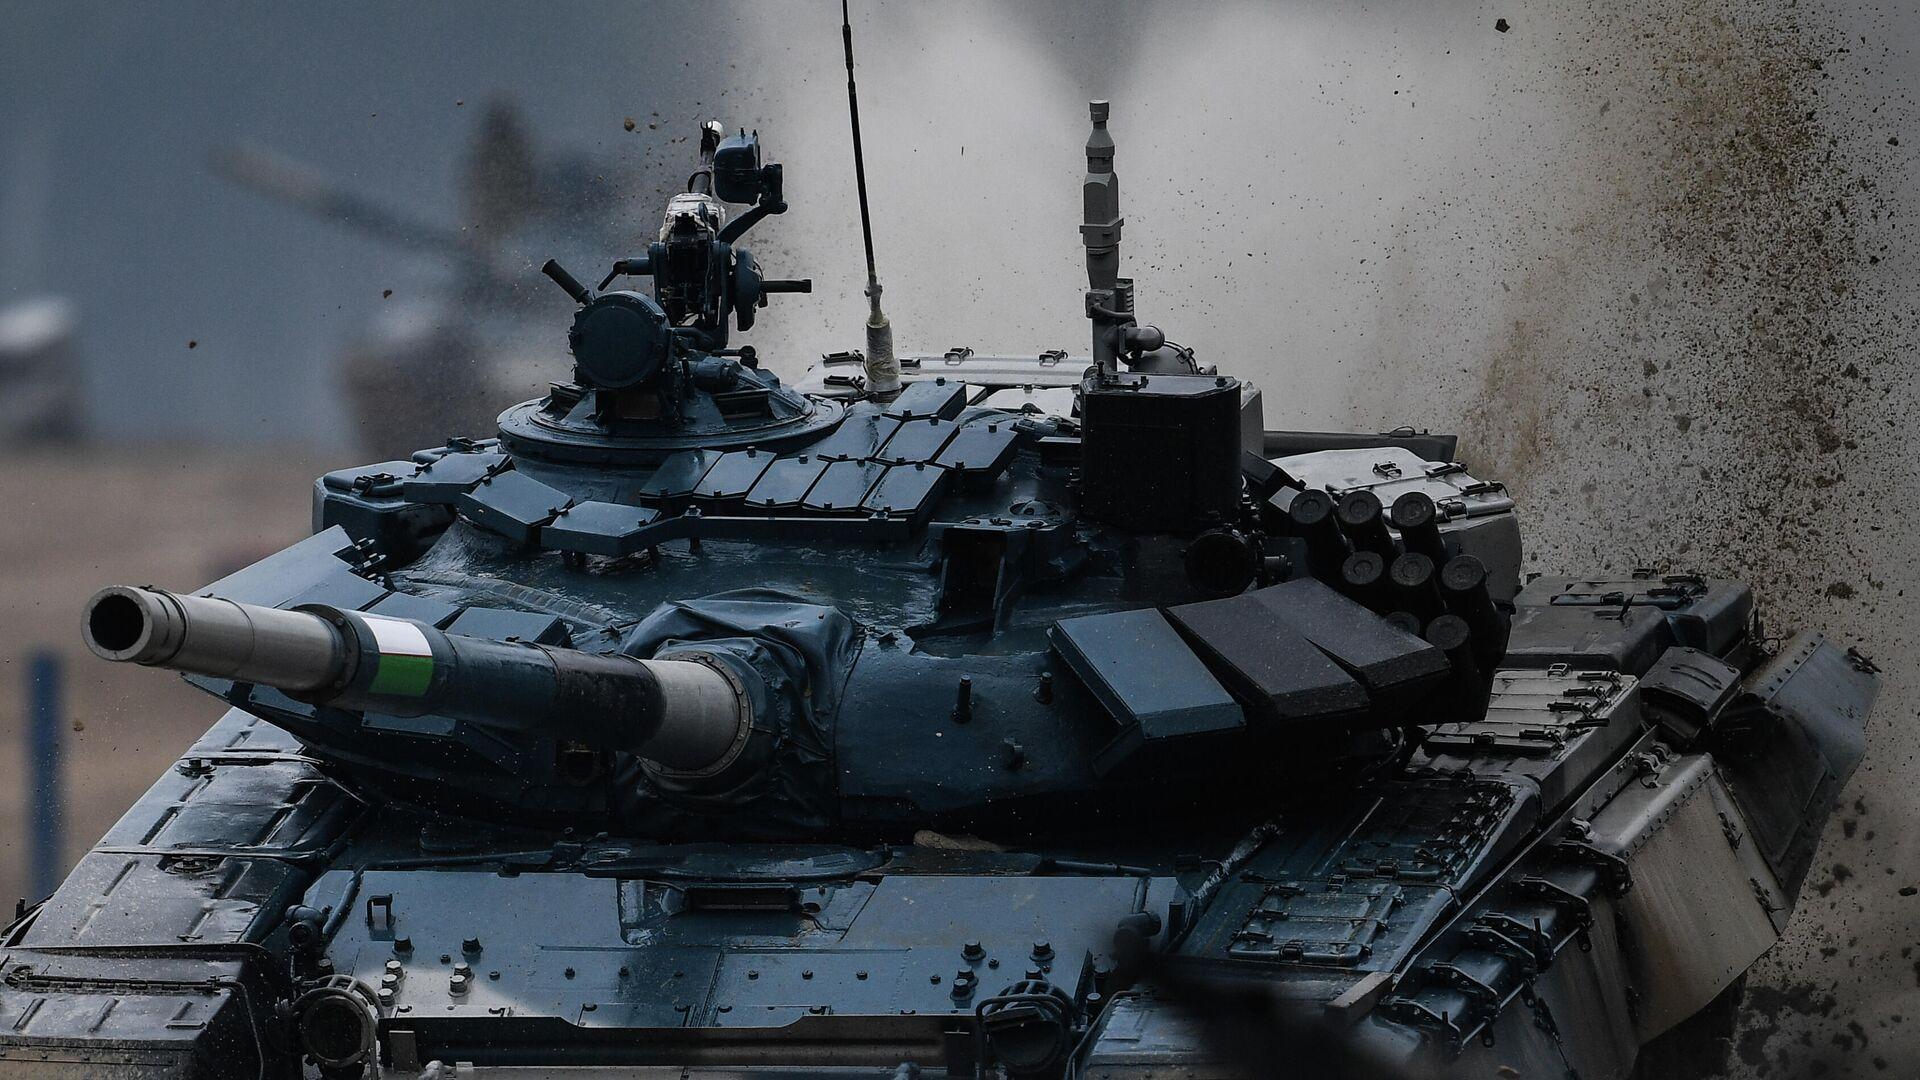 Танк Т-72 команды военнослужащих Узбекистана во время соревнований танковых экипажей в рамках конкурса Танковый биатлон-2020 на полигоне Алабино в Подмосковье в третий день VI Армейских международных игр АрМИ-2020 - РИА Новости, 1920, 02.10.2020